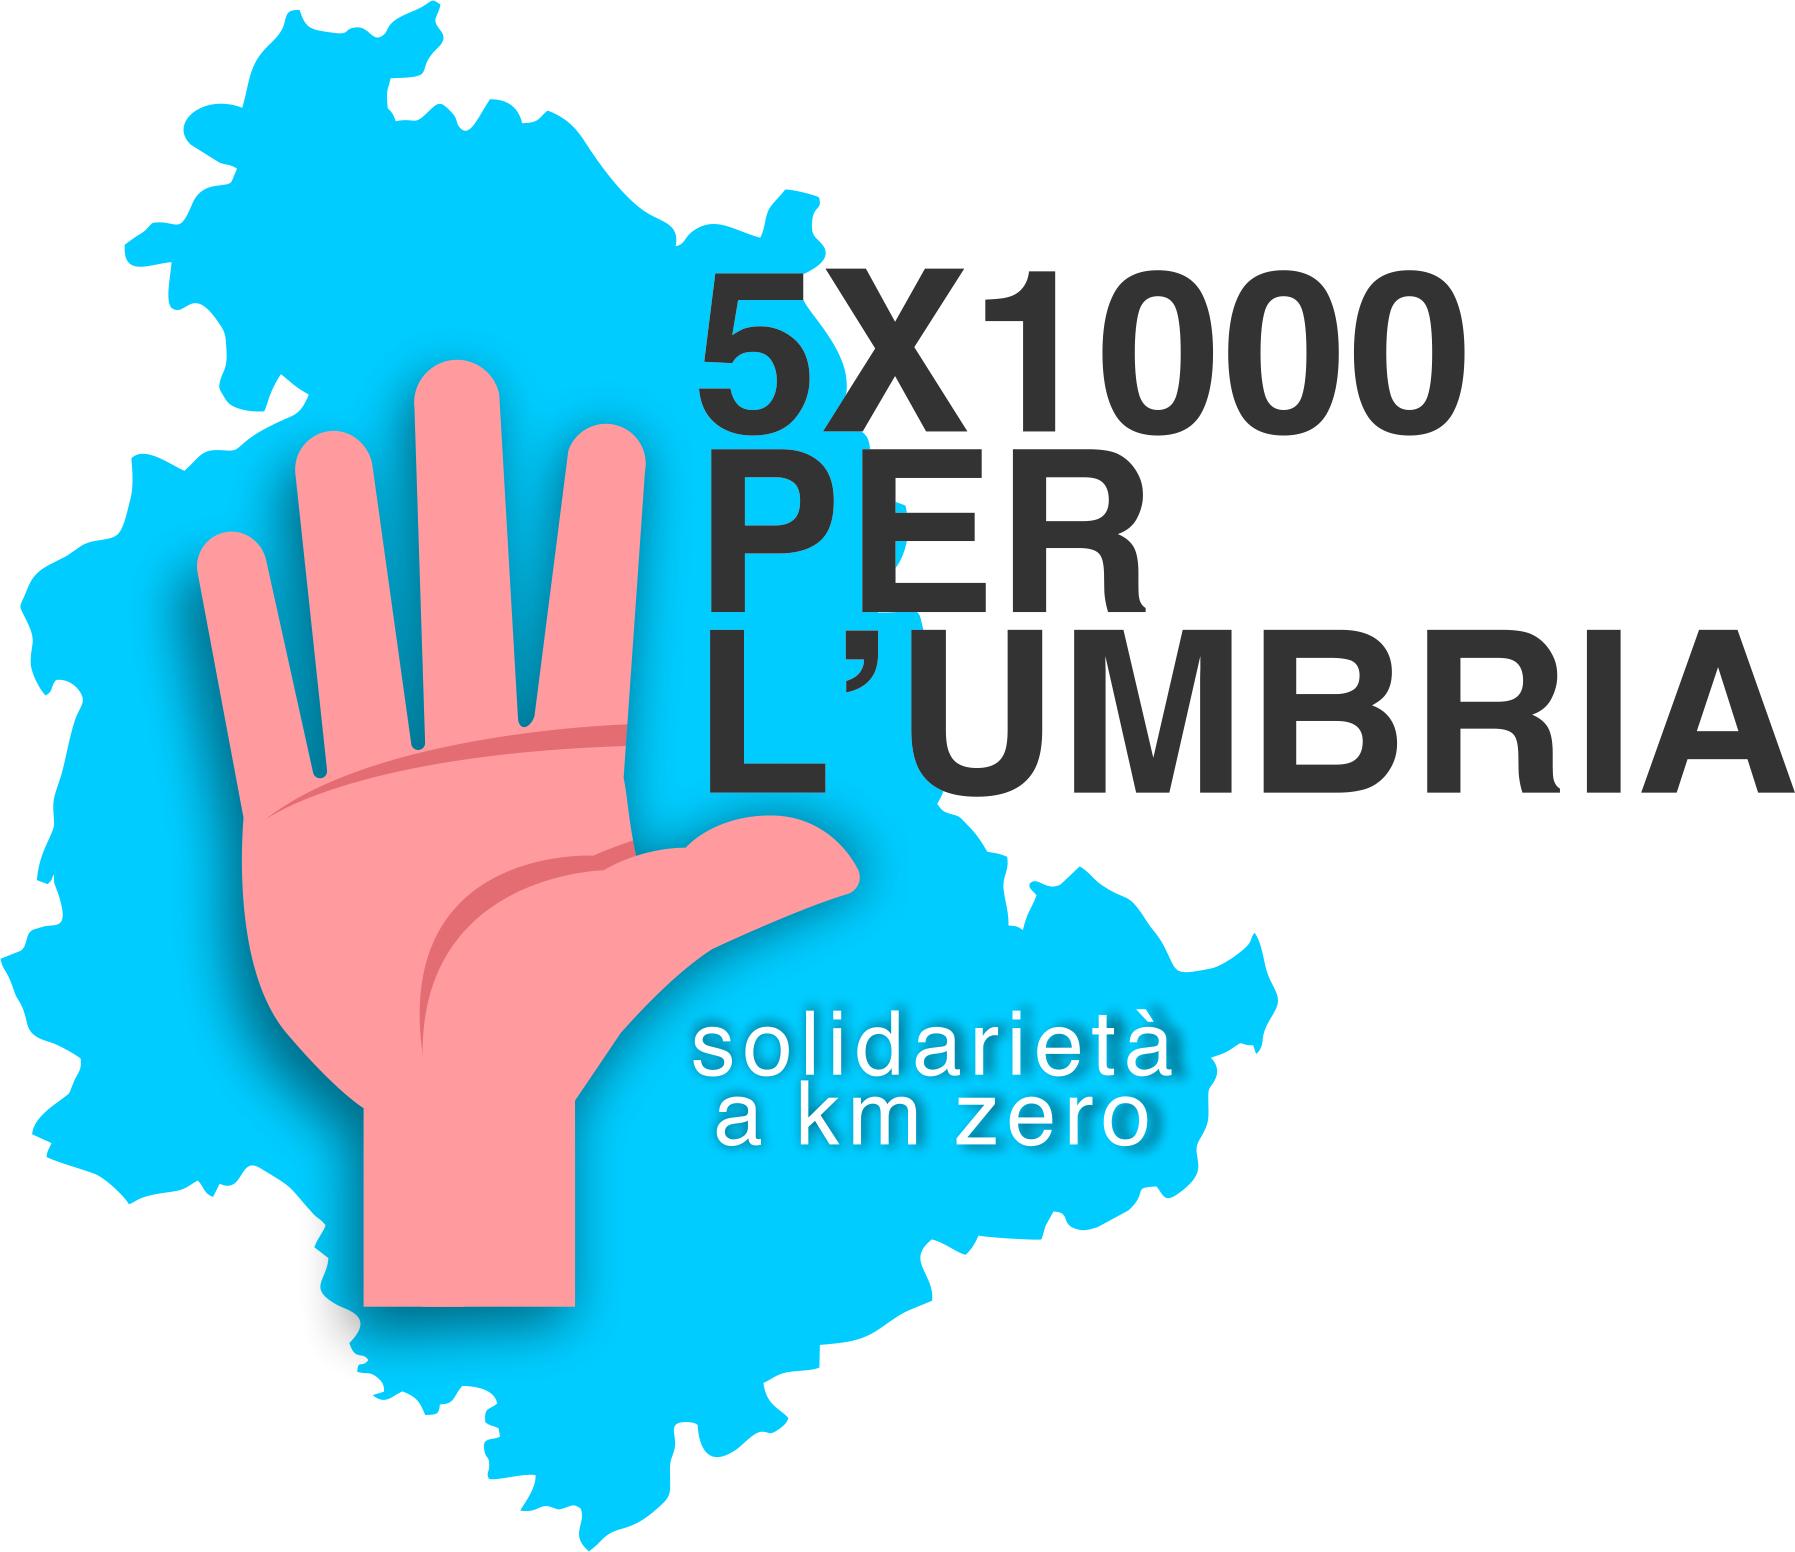 Cinque per mille per l'Umbria, solidarietà a Km0